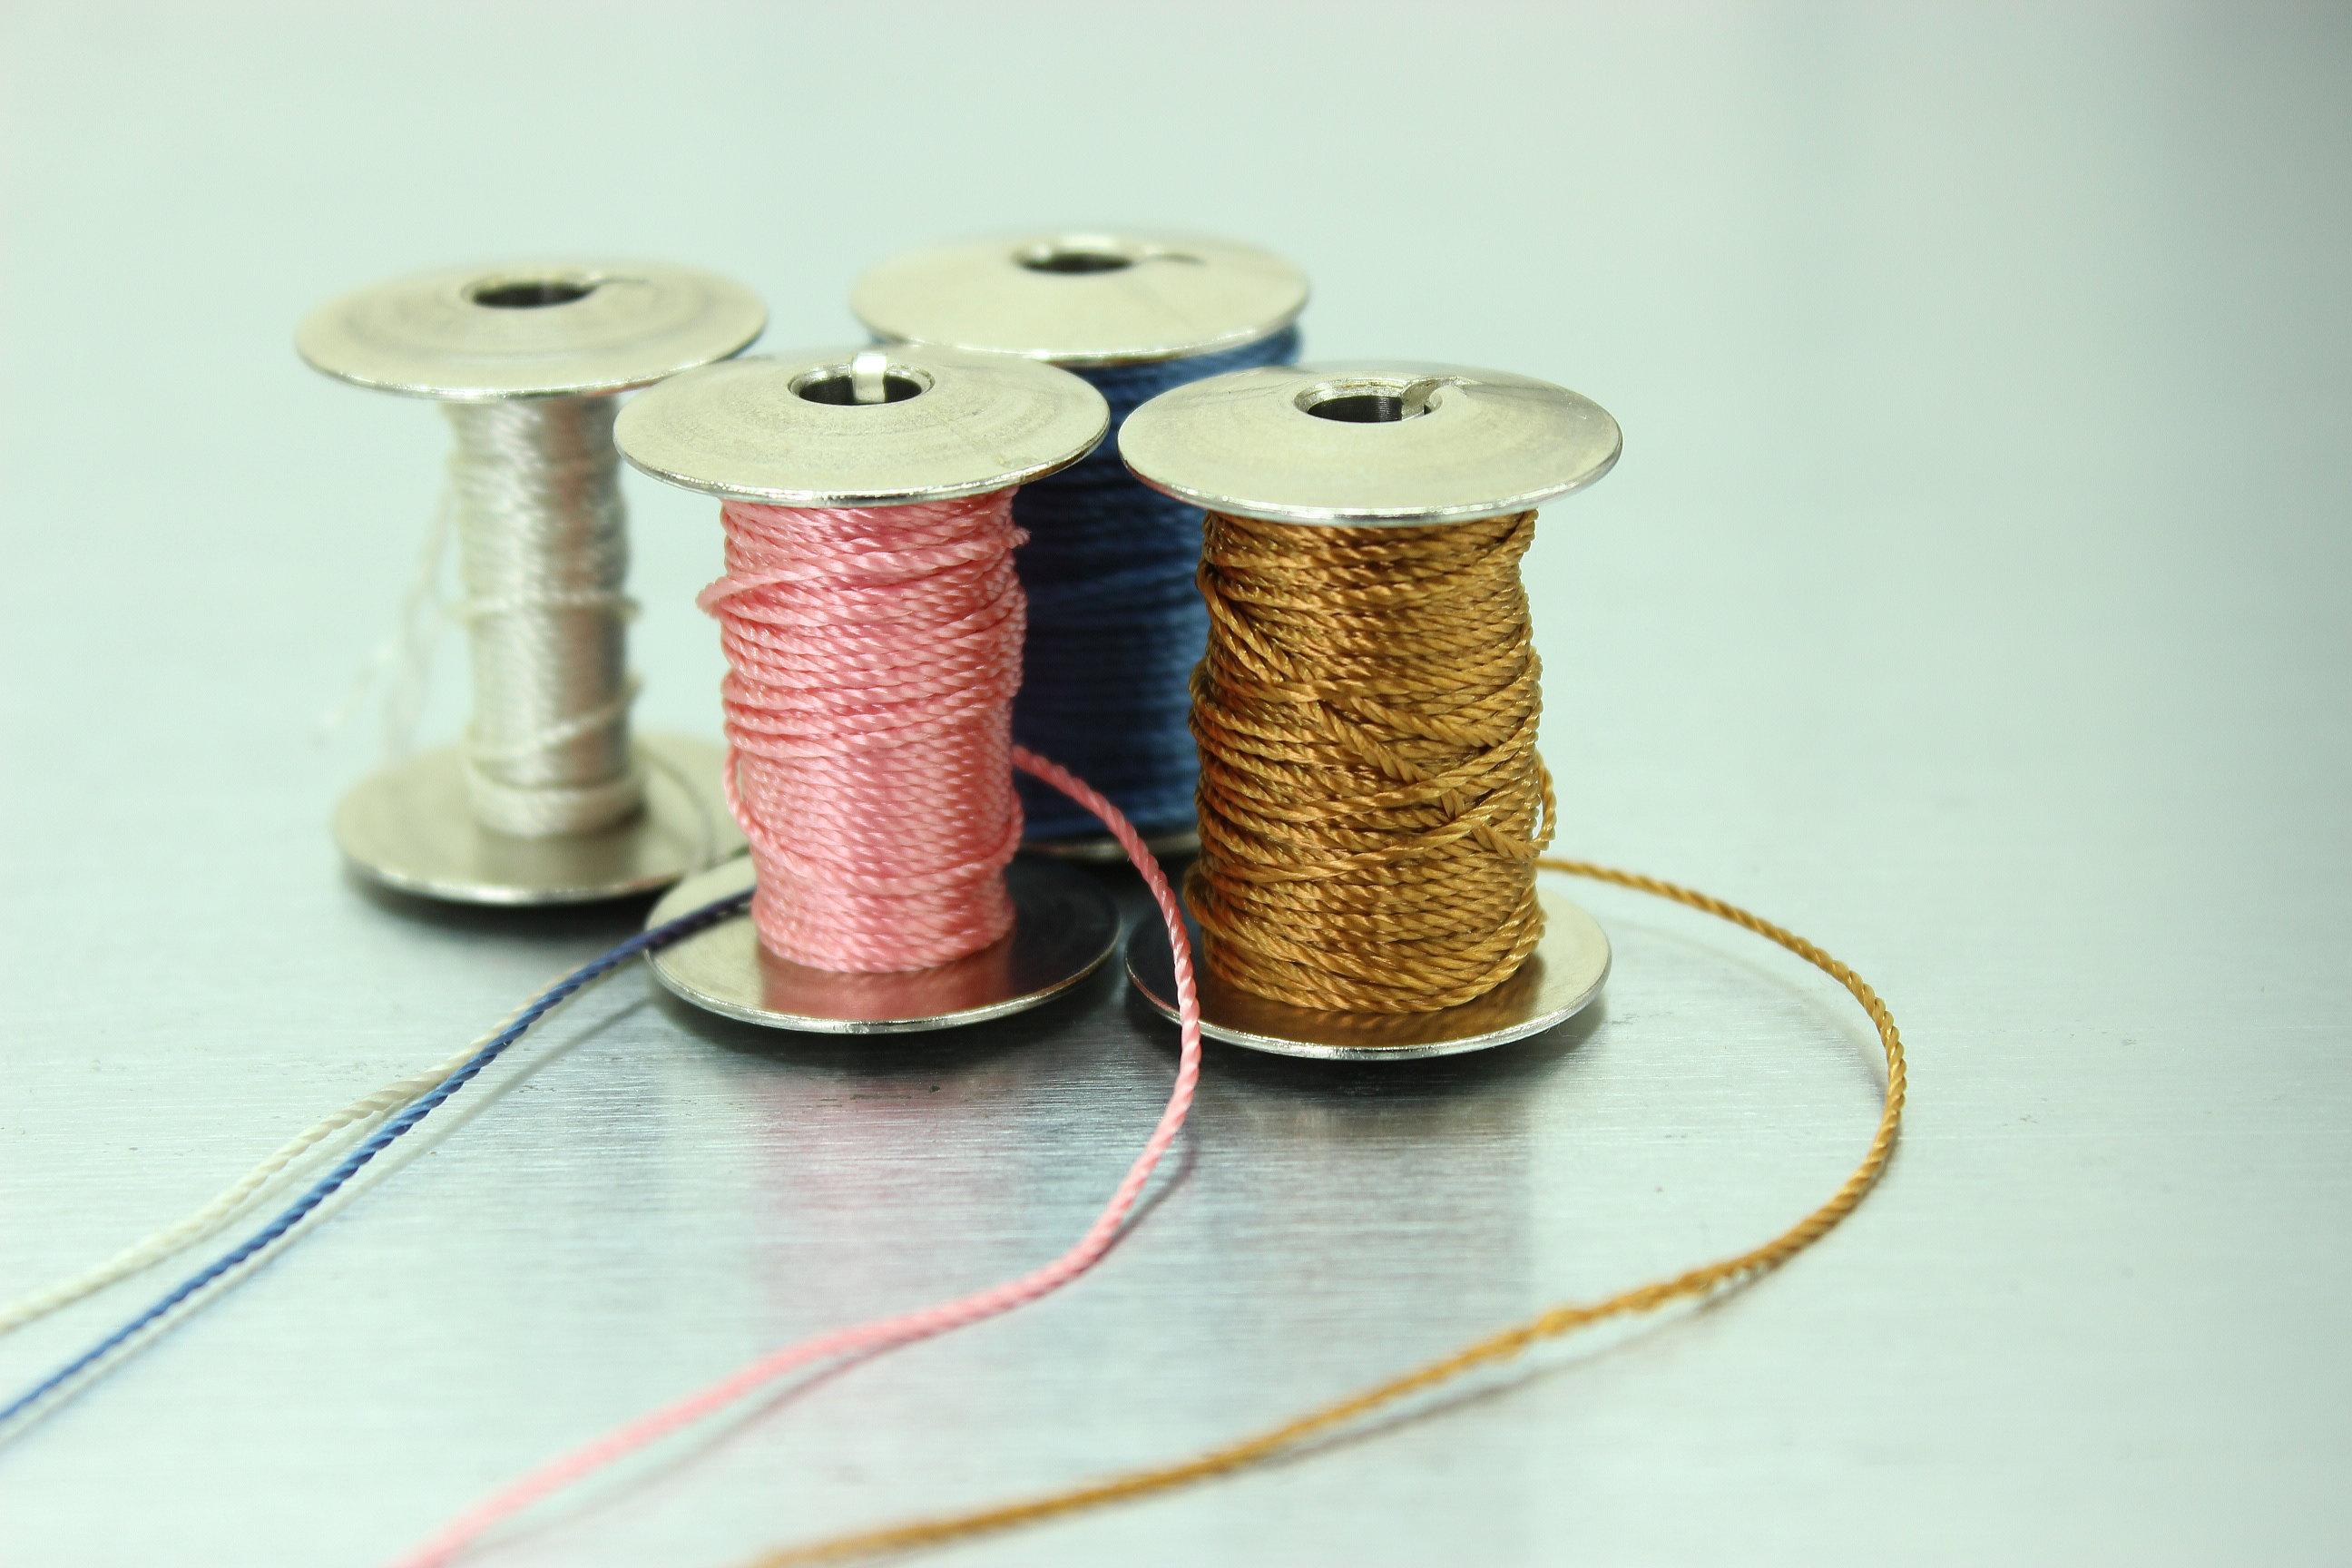 多様な色の糸